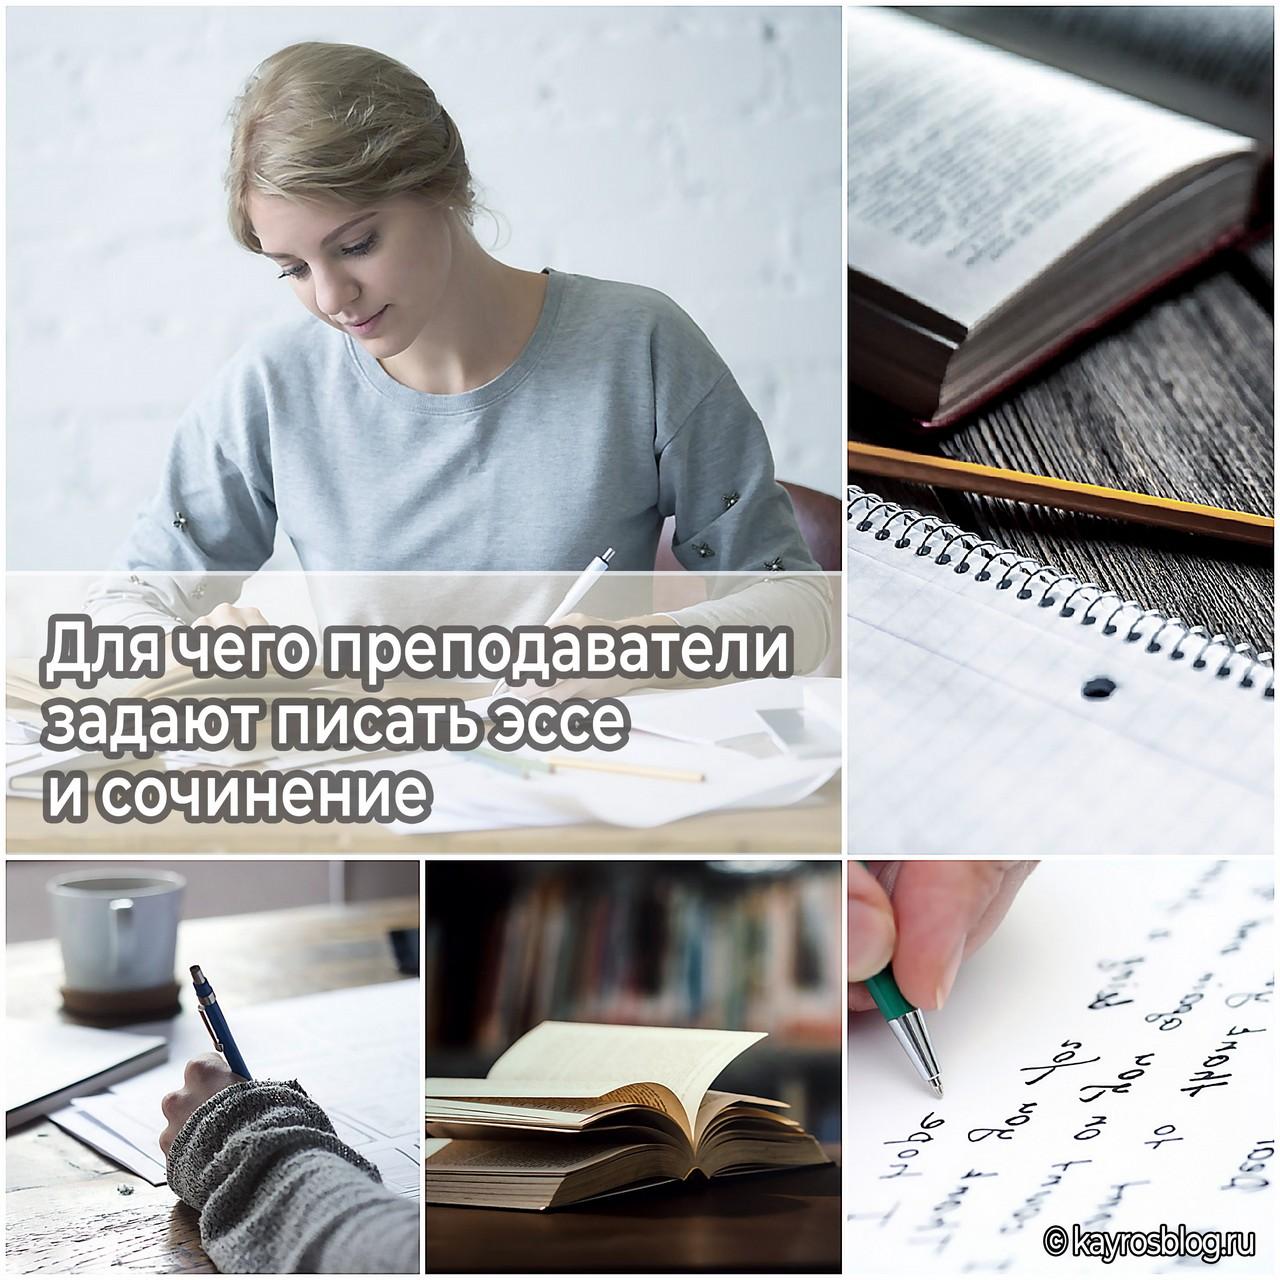 Для чего преподаватели задают писать эссе и сочинение